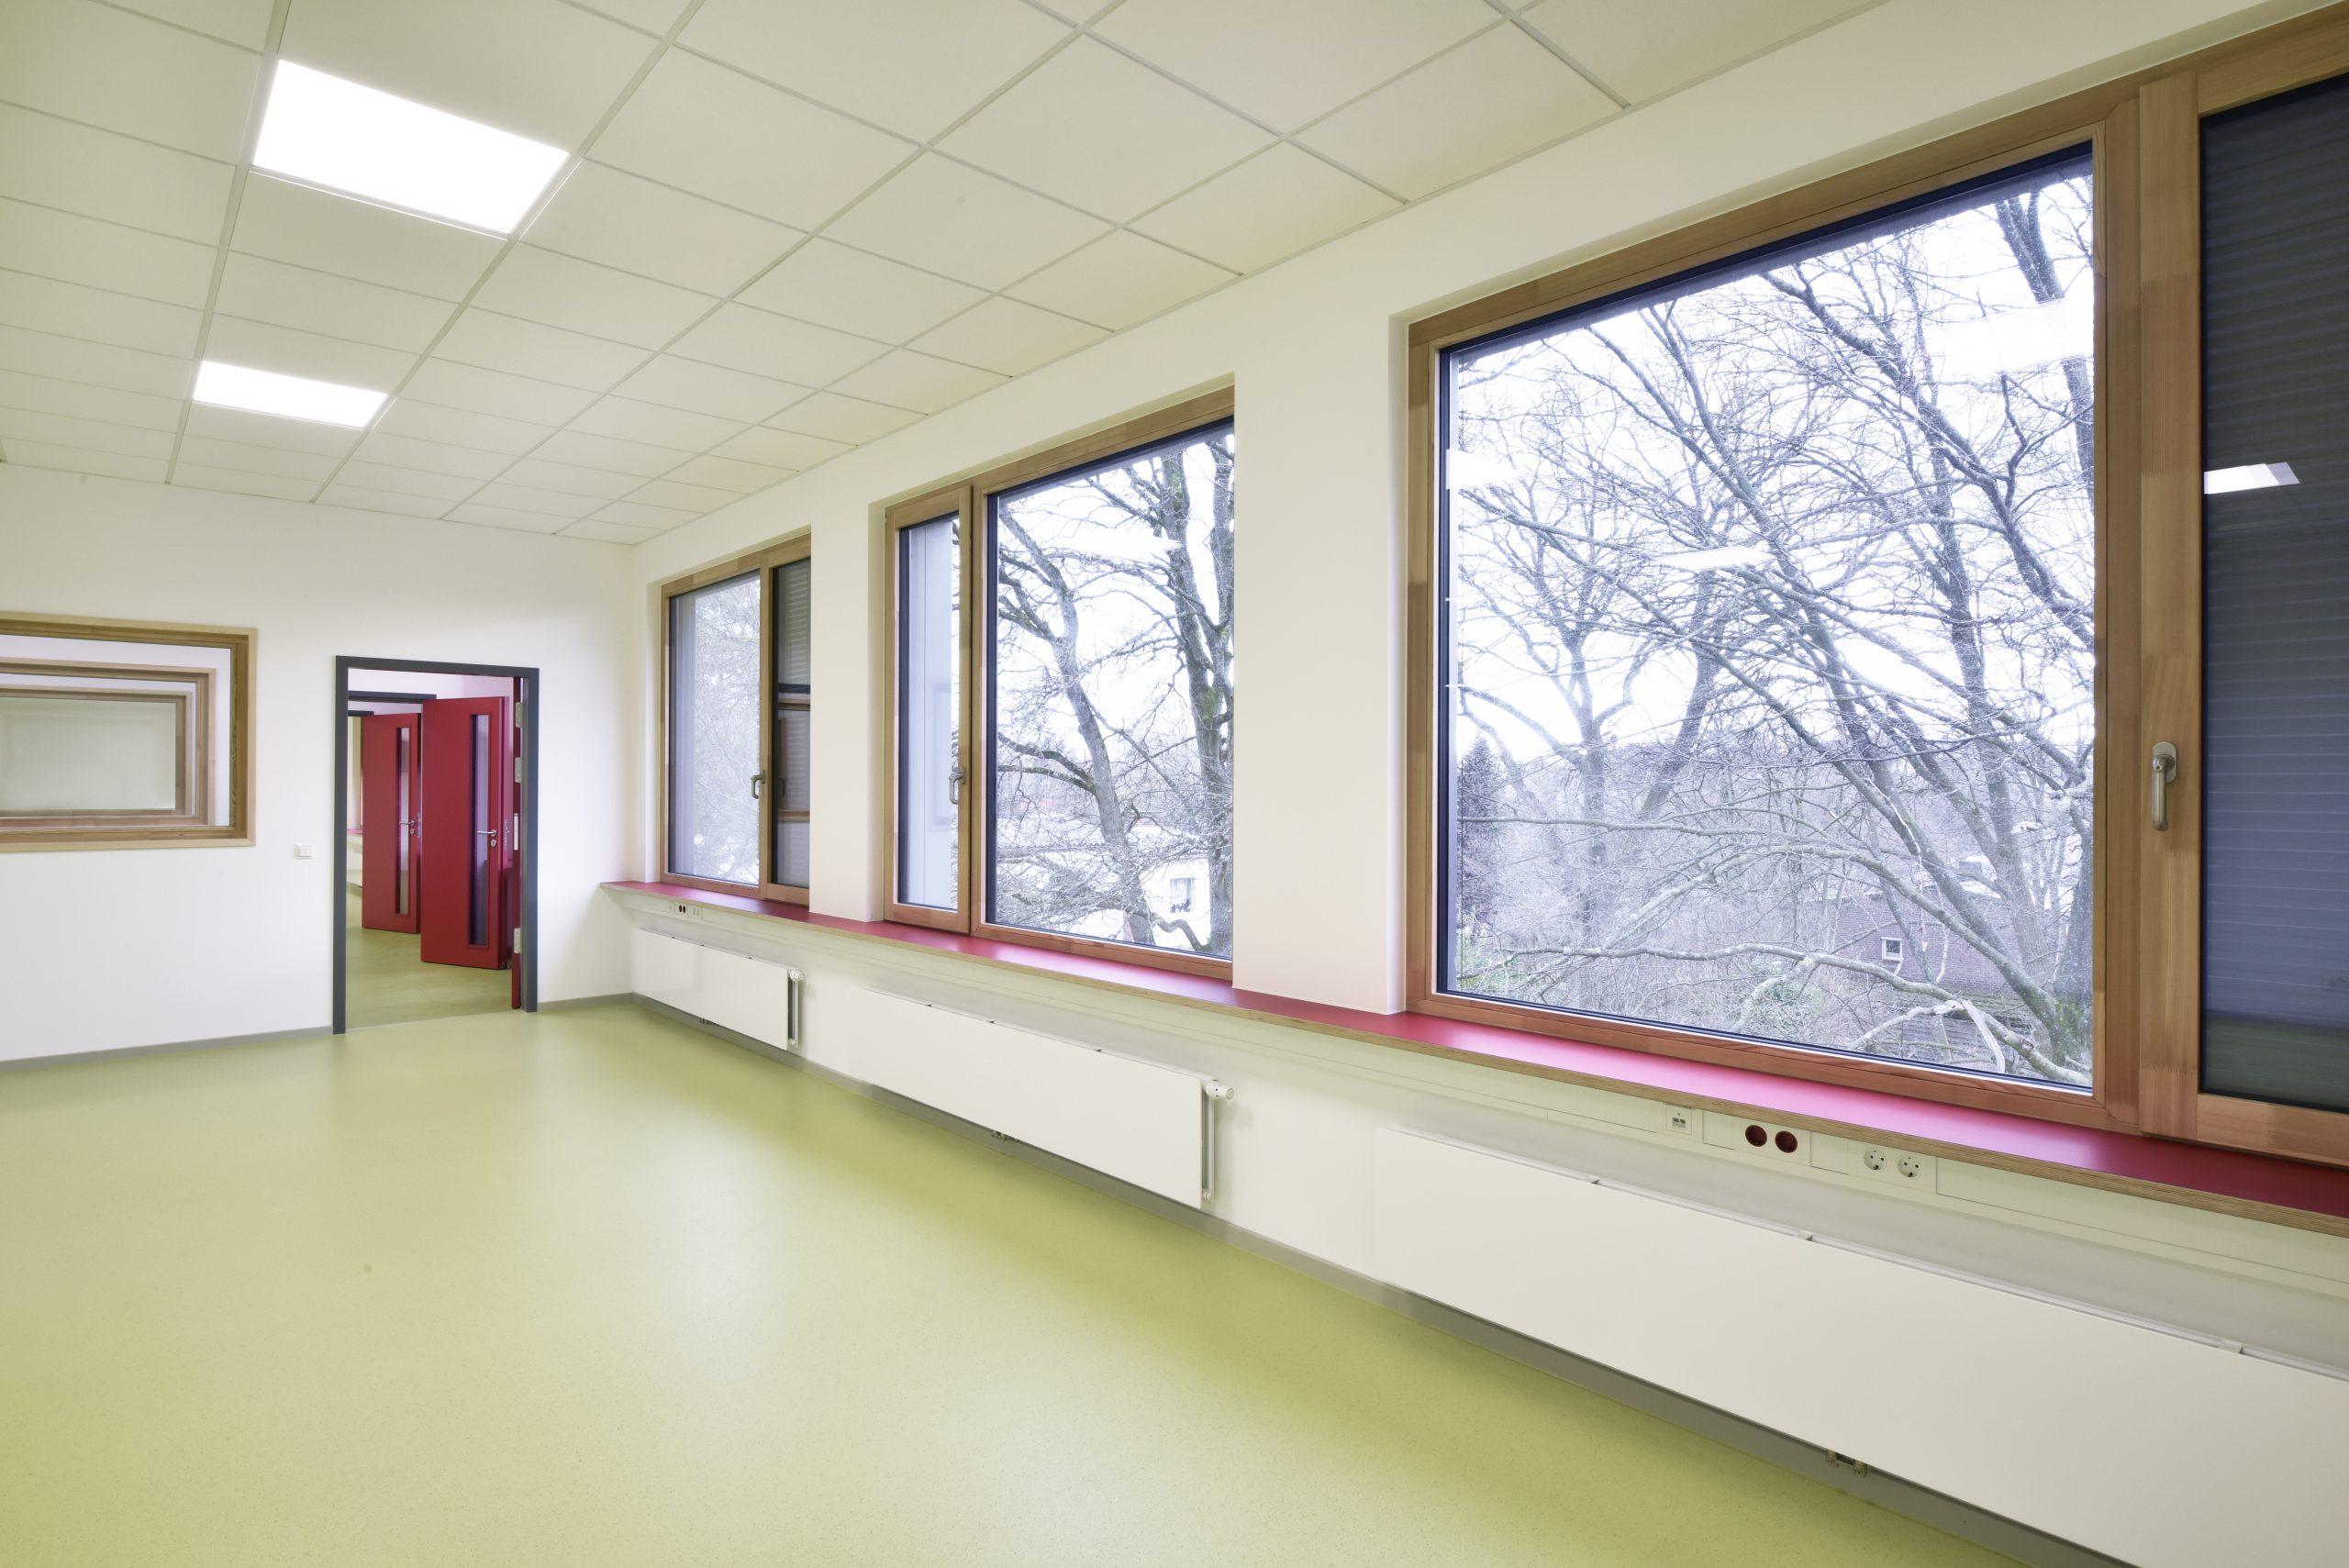 Das Klassenhaus von innen: So sieht es im neuen Gebäude der Grundschule am Kiefernberg aus.